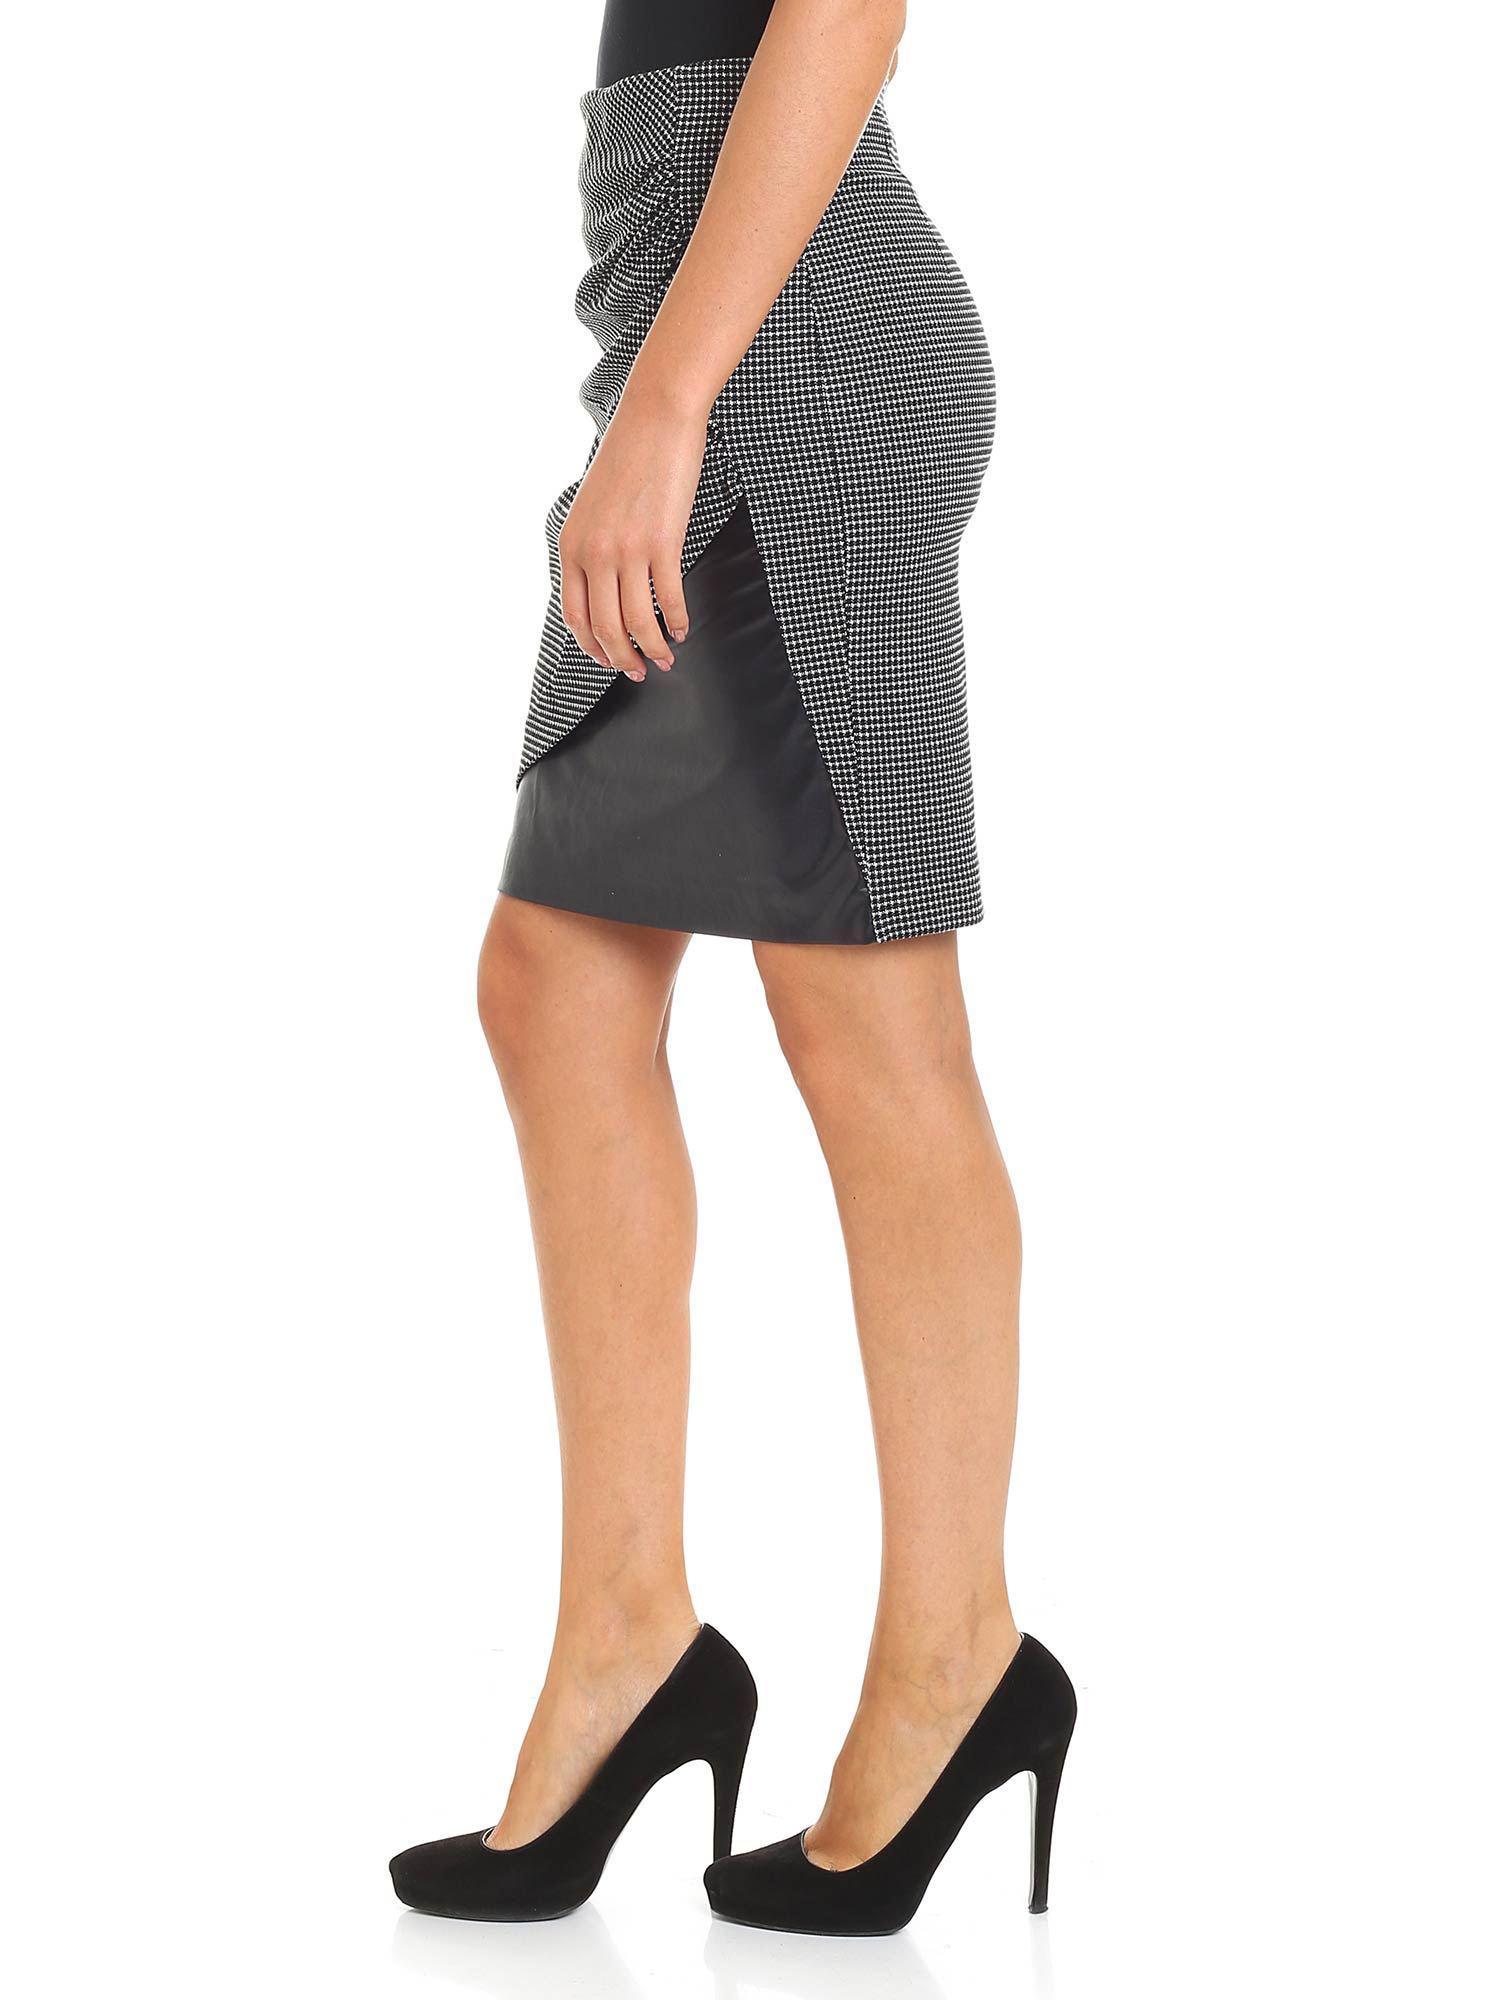 4acf695020 Lyst - Pinko Spillo Black And White Skirt in Black